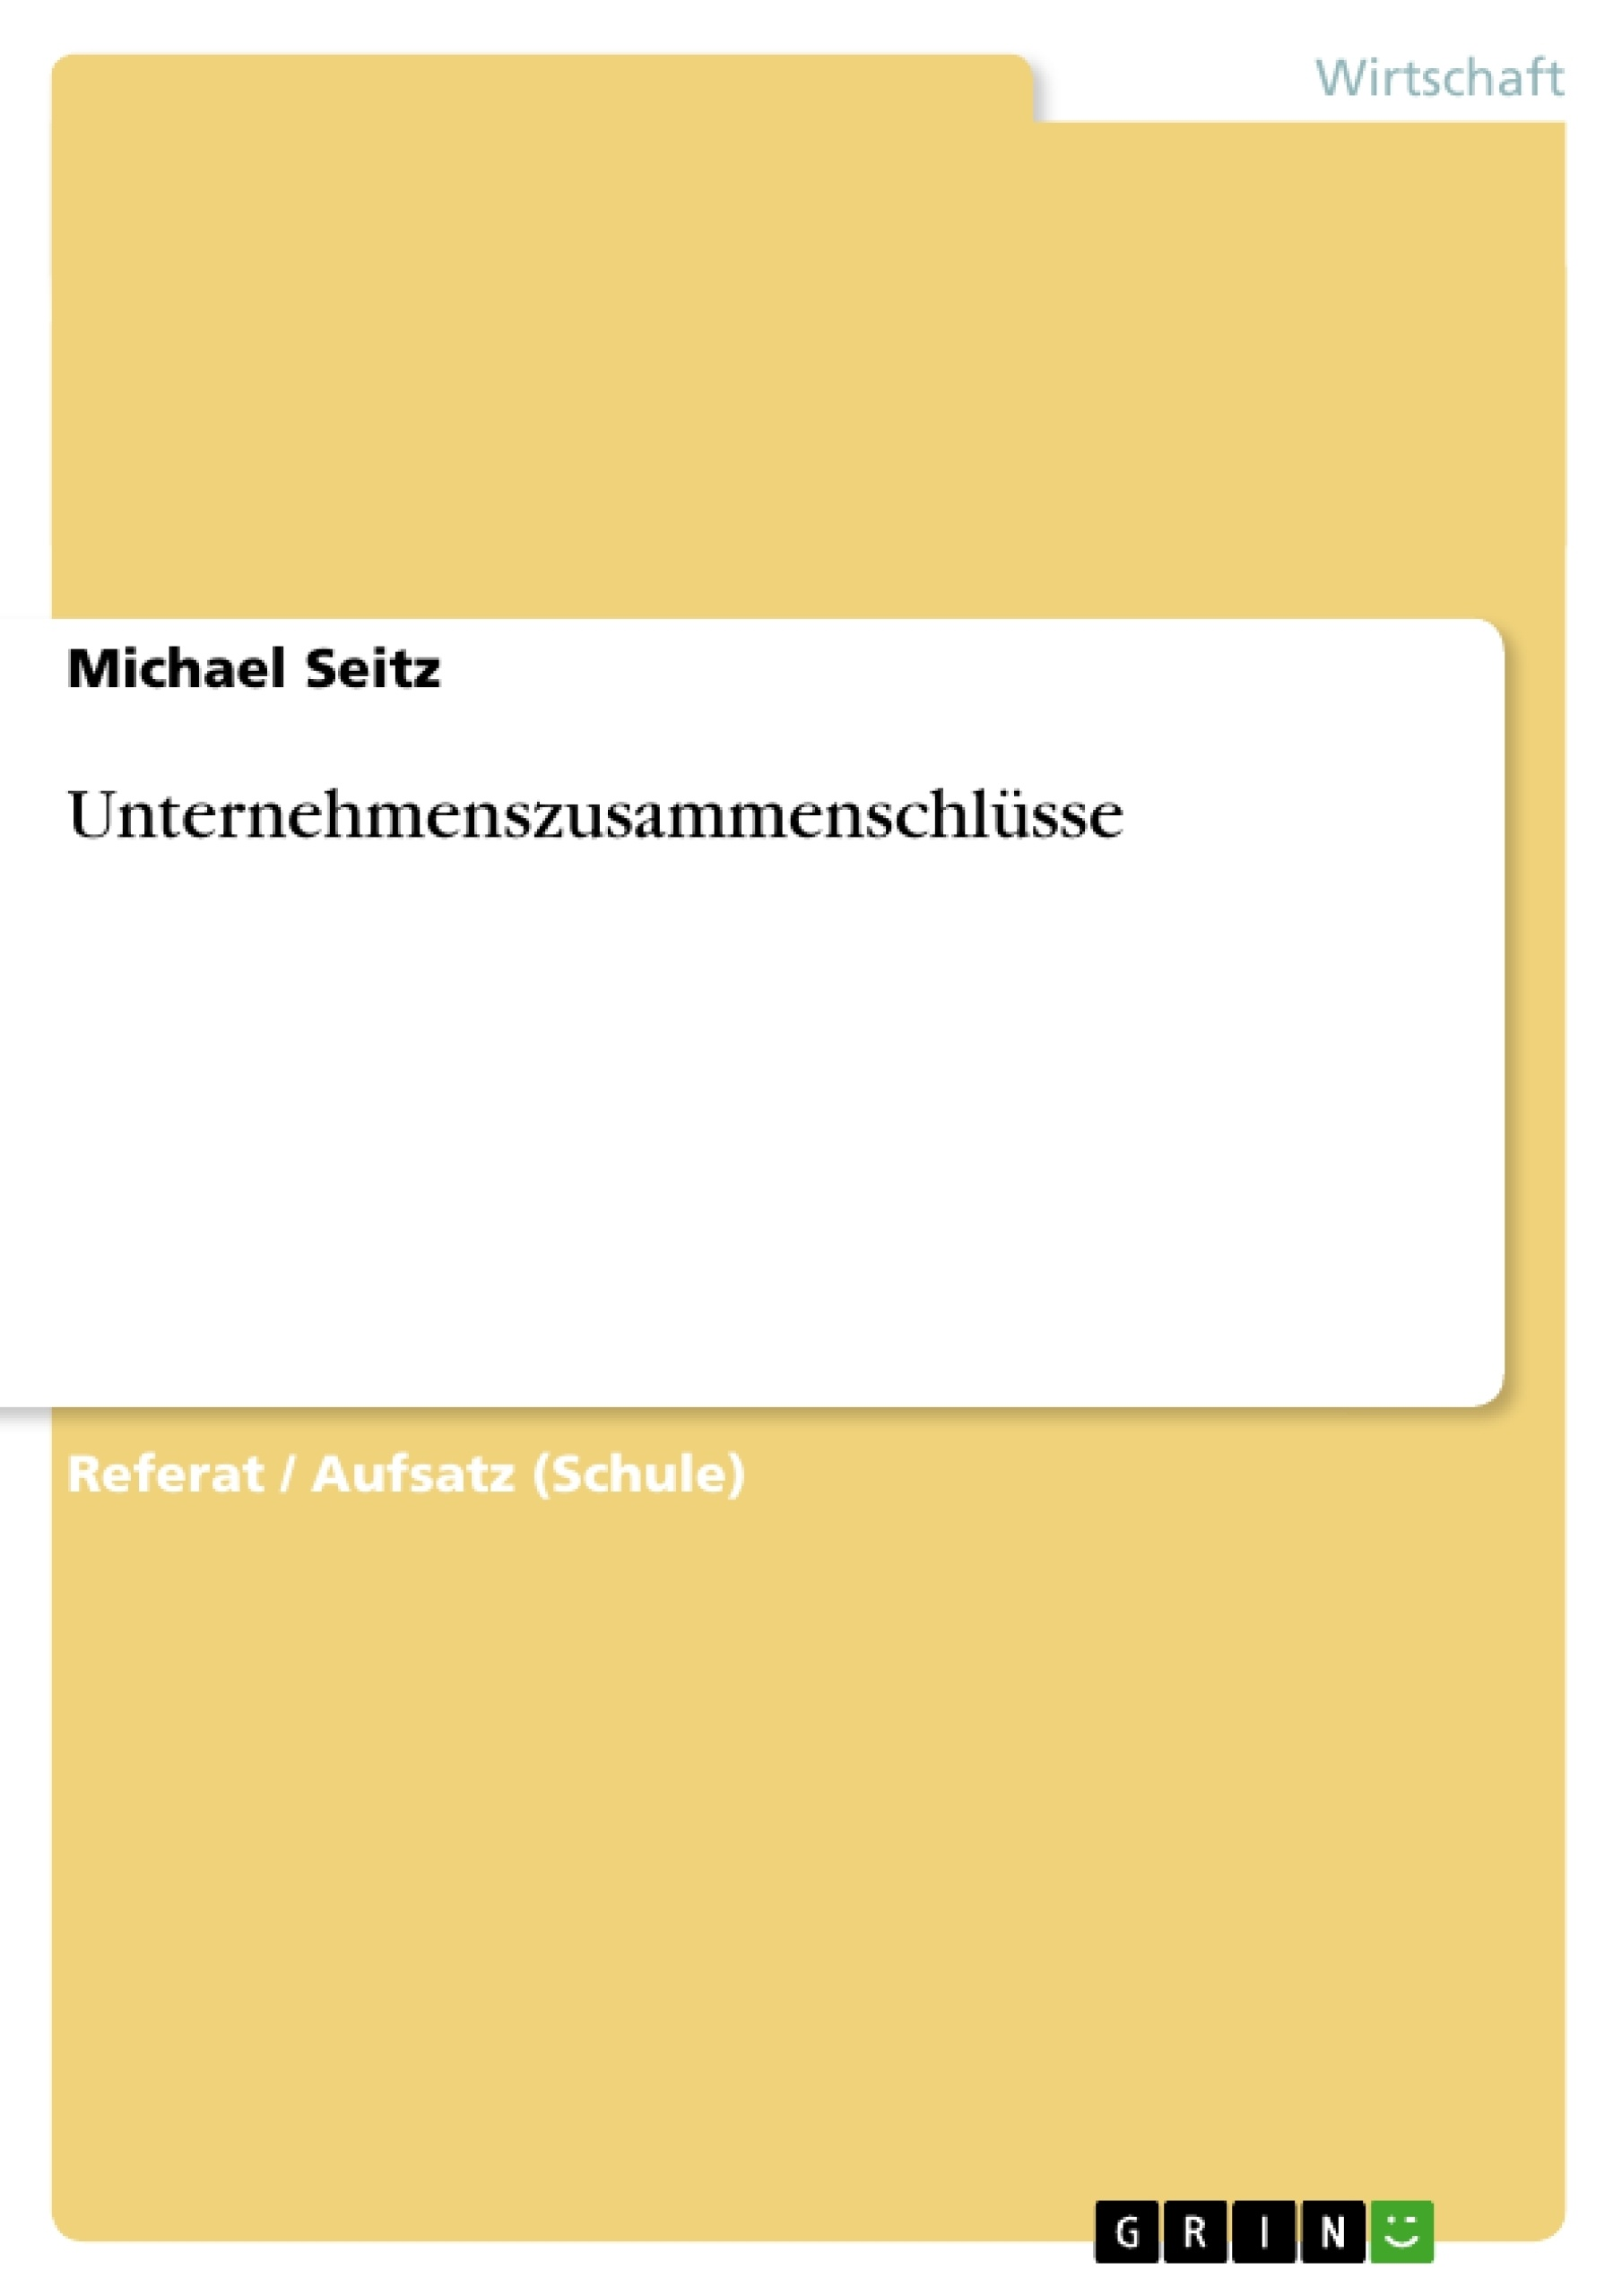 Titel: Unternehmenszusammenschlüsse